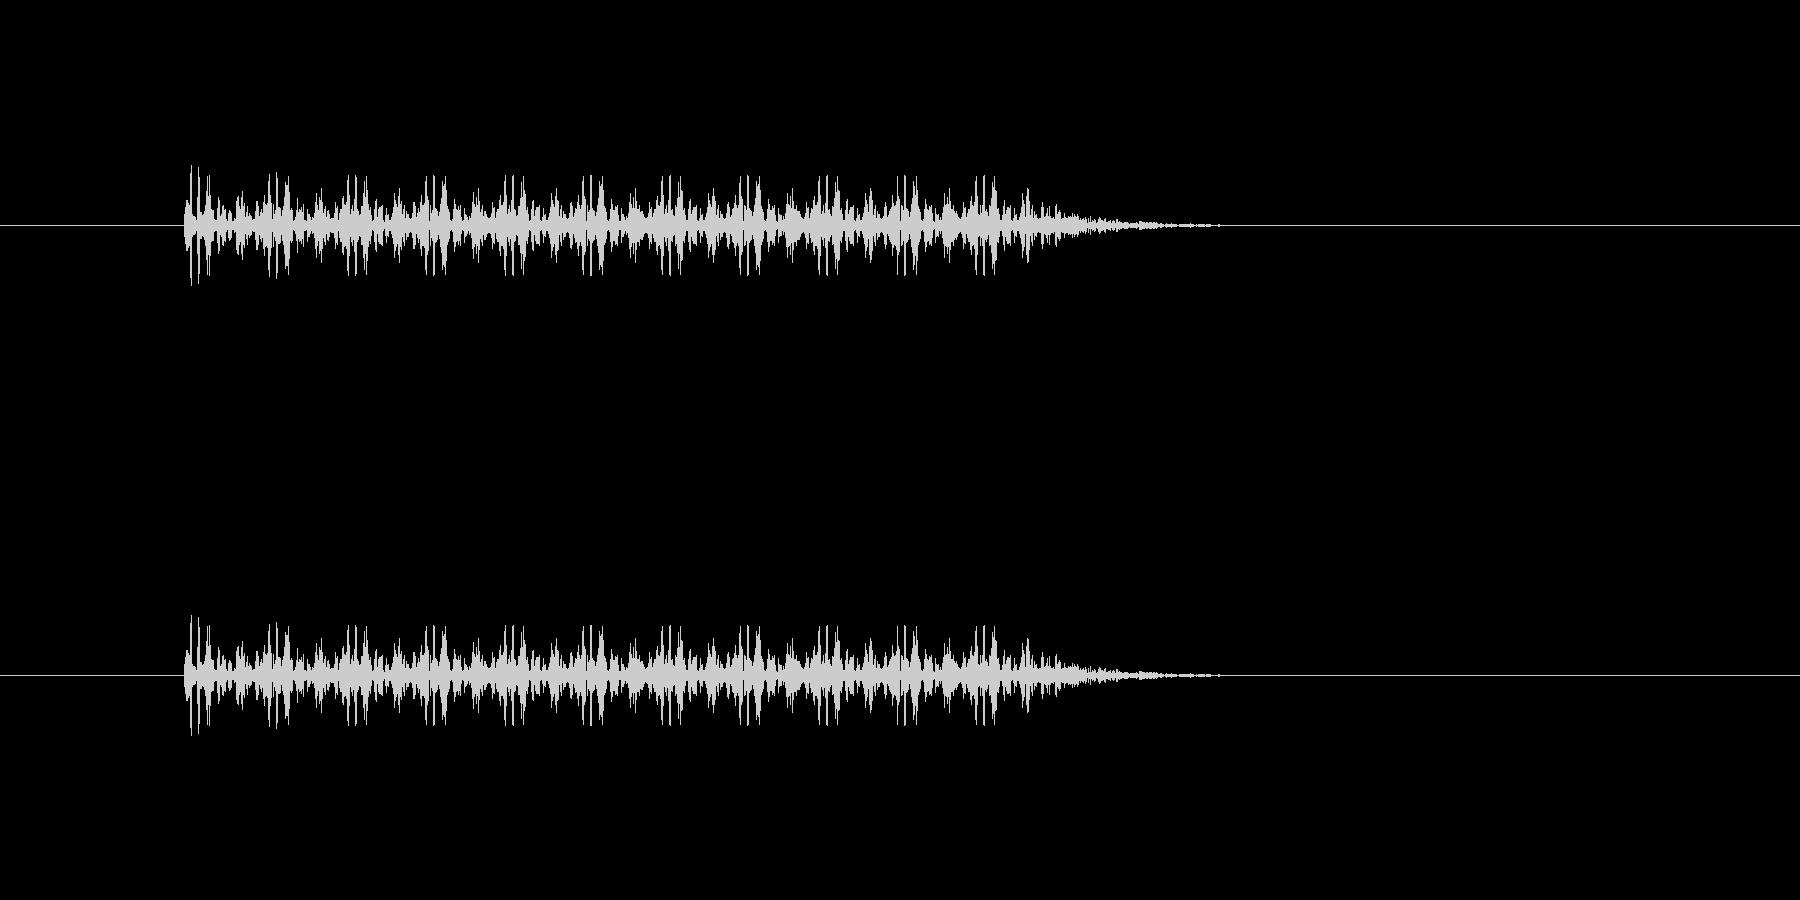 マシンガンなど連射系の銃声の未再生の波形